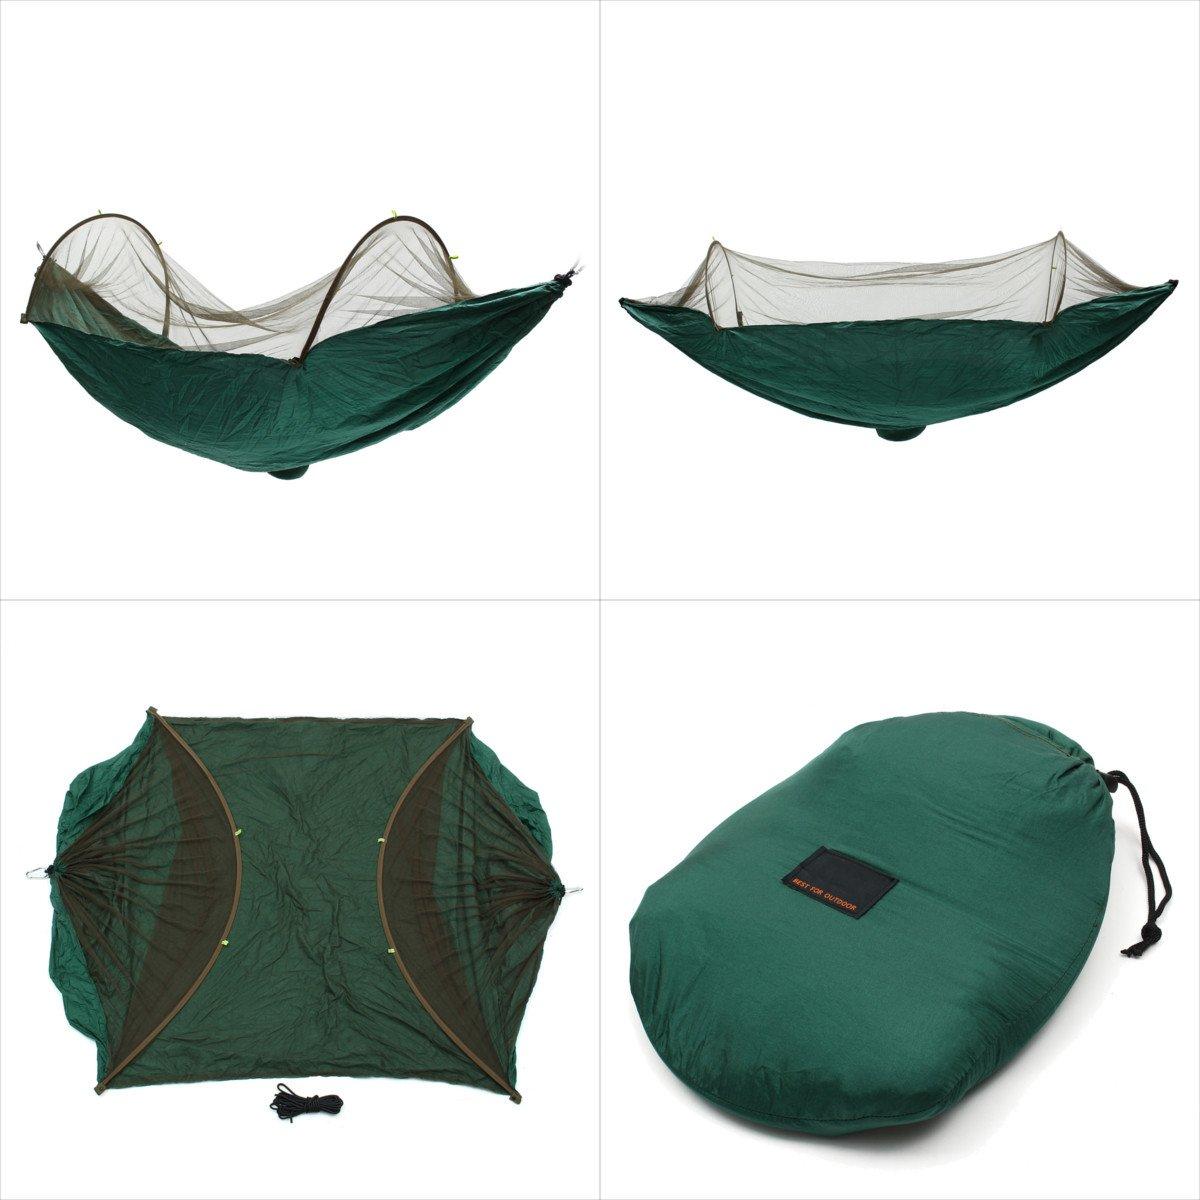 LaDicha 290X145Cm Haltbar Camping Hanging Hängematte Bett Moskito Schlafendes Zahnrad Mesh Gaze Schutz - Schwarz Grün